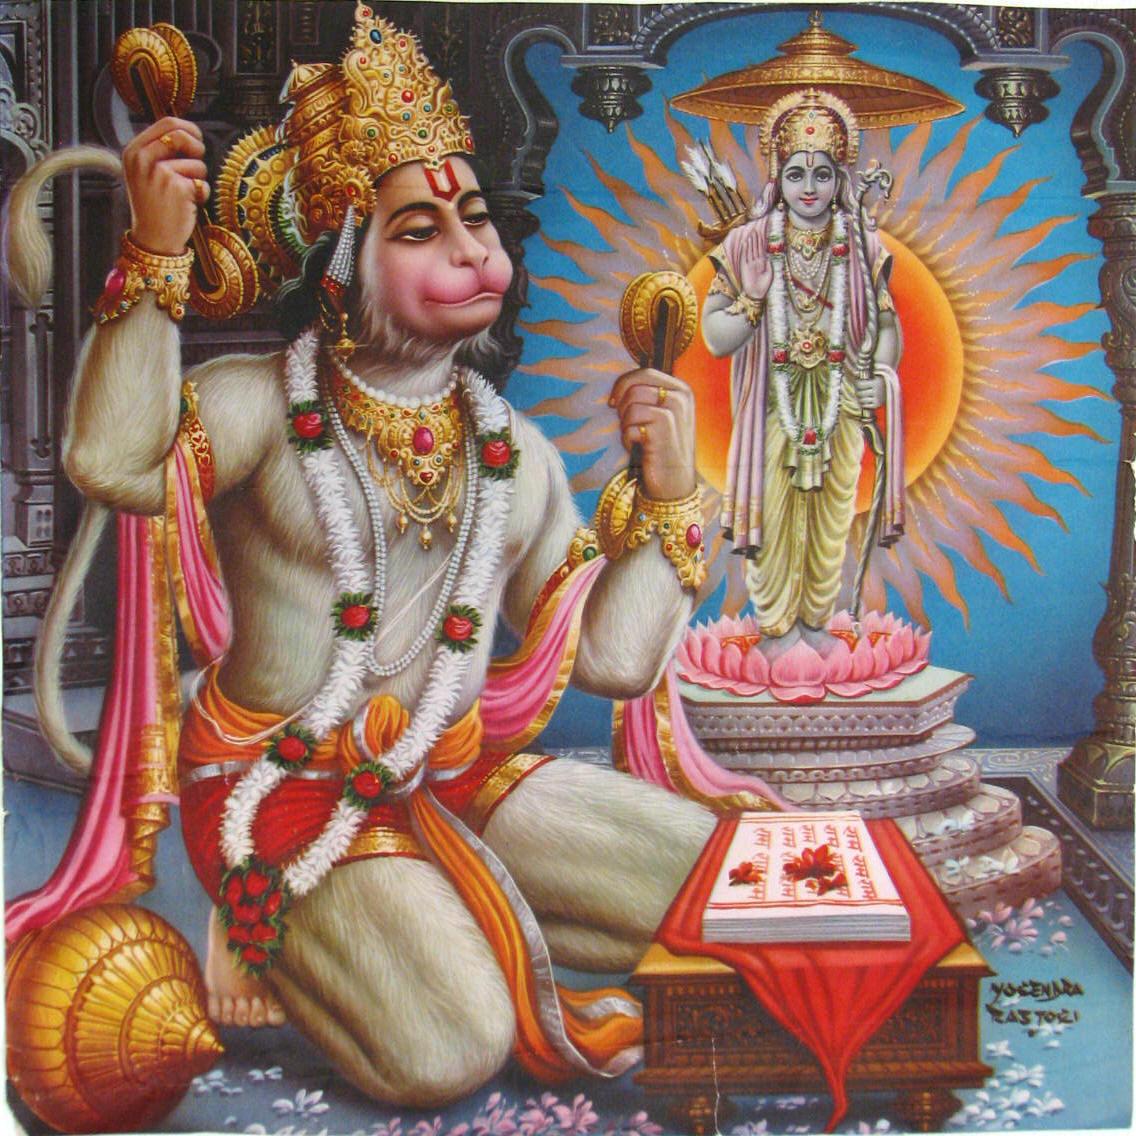 http://3.bp.blogspot.com/--wqz2MvDtvI/T944820LNwI/AAAAAAAADBU/ooCeLV8RGLU/s1600/hanuman-praying-to-shri-ram.jpg